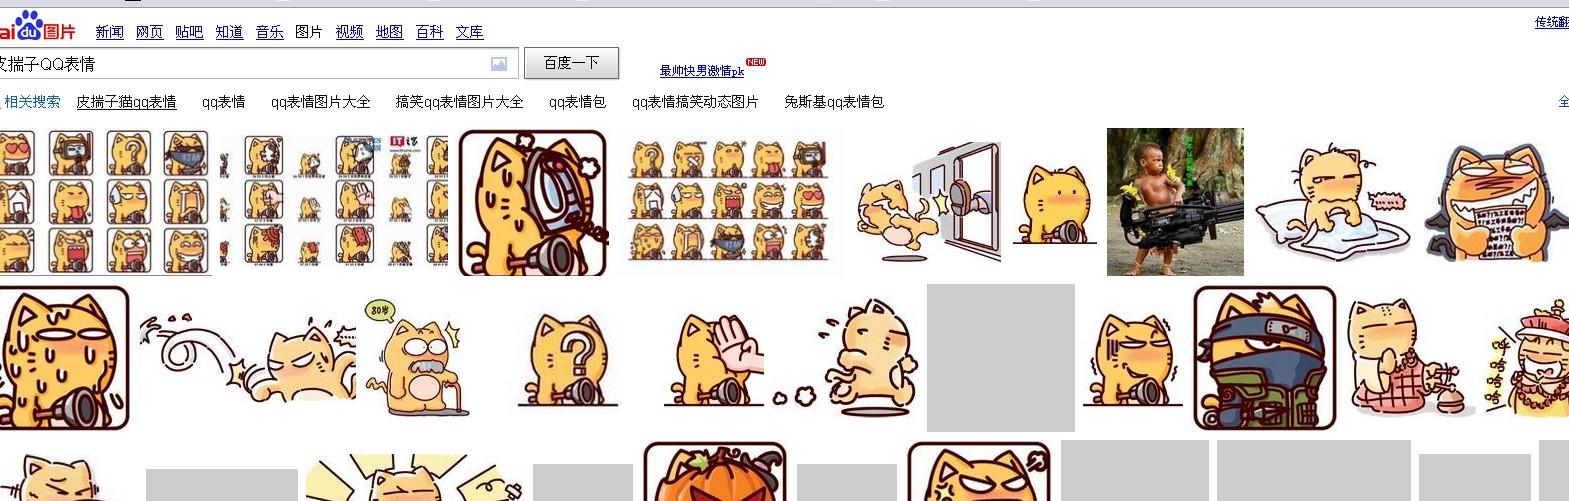 皮揣子猫表情包分享展示图片